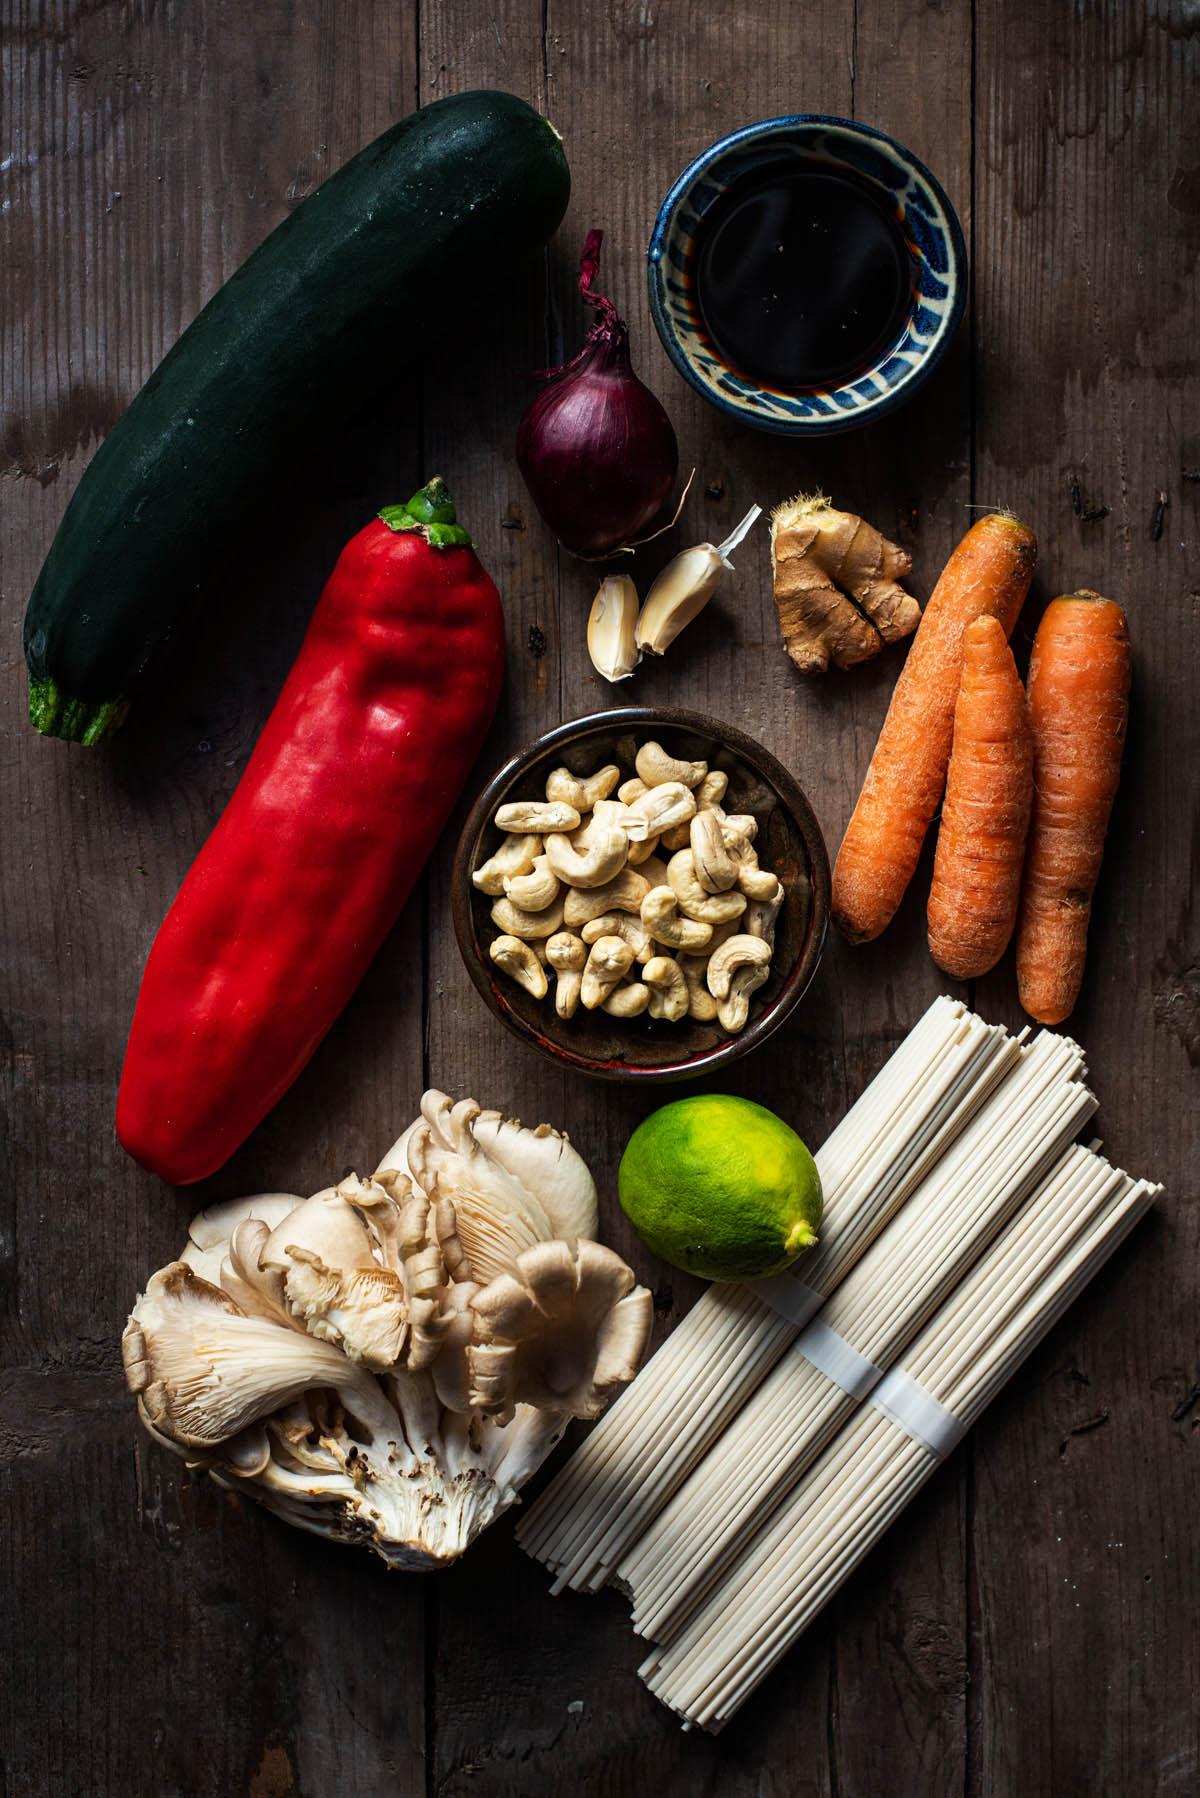 Udon noodle stir fry ingredients.